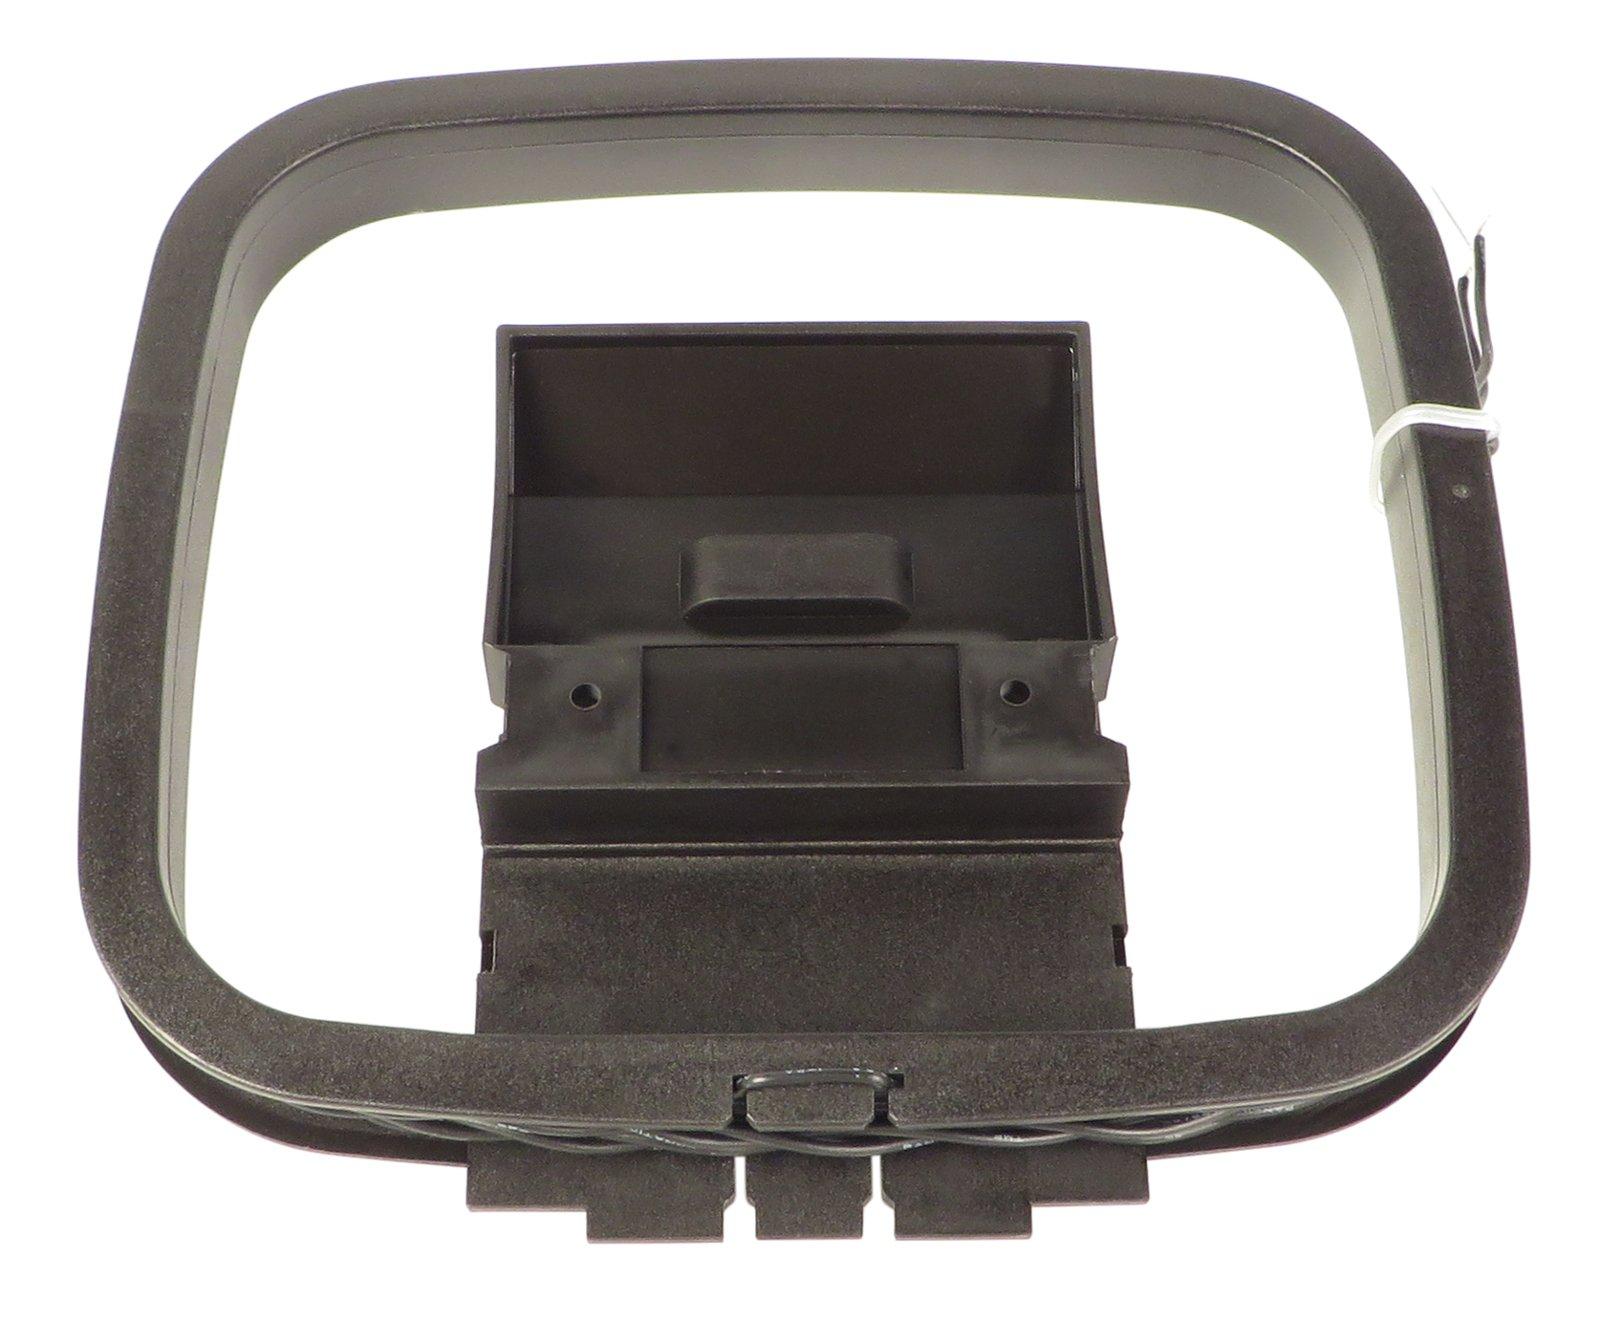 JVC QAL0014-002  AM Loop Antenna QAL0014-002